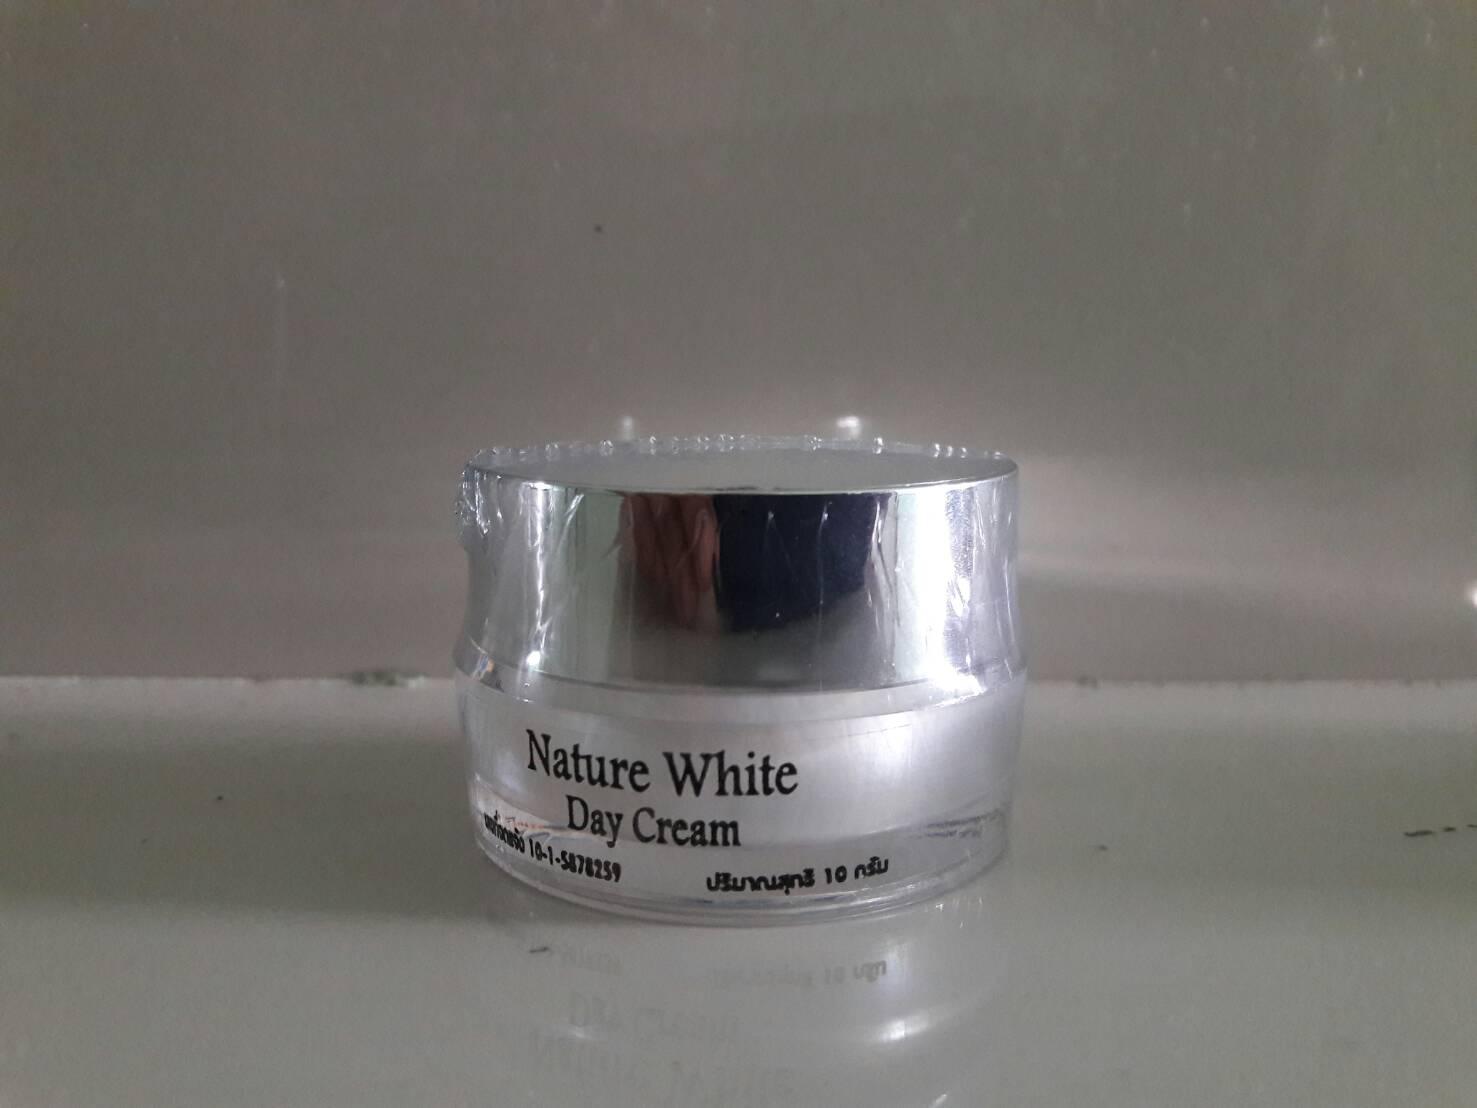 NATURE WHITE DAY CREAM